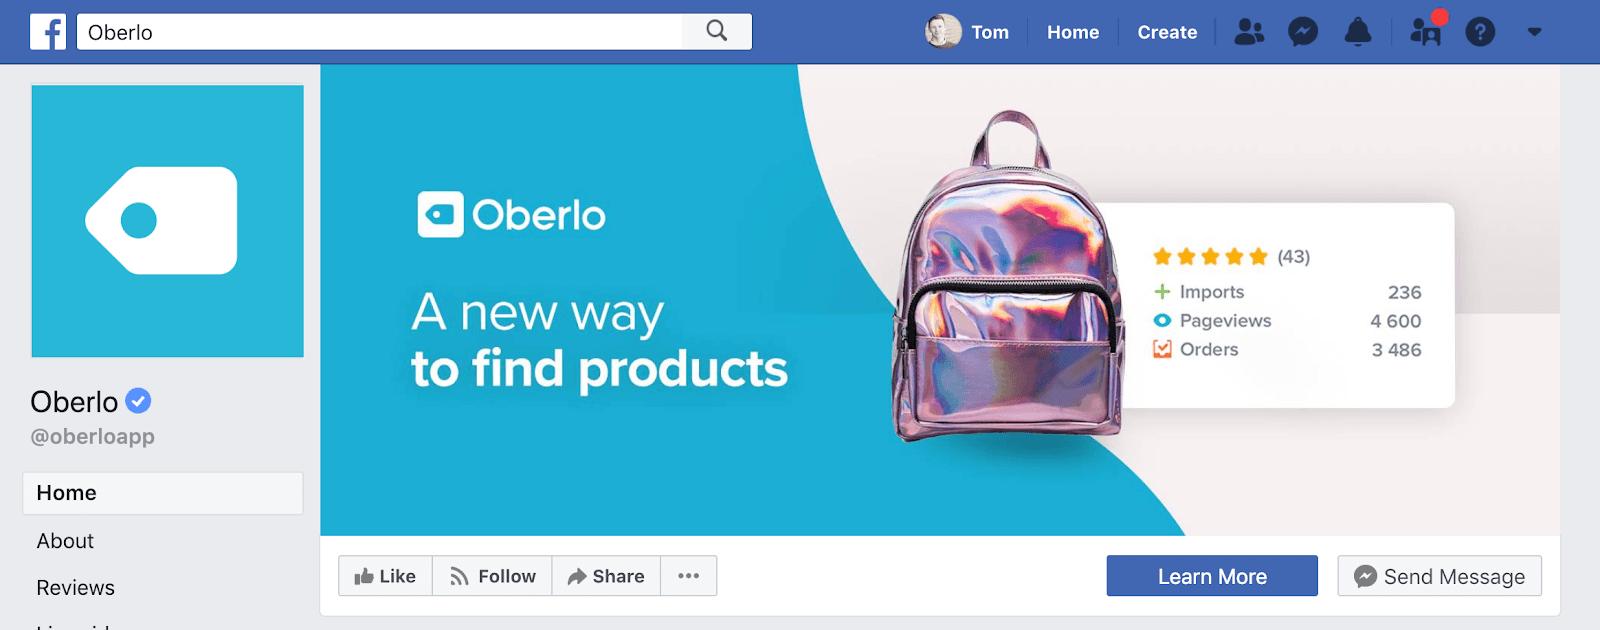 Oberlo's Facebook Page